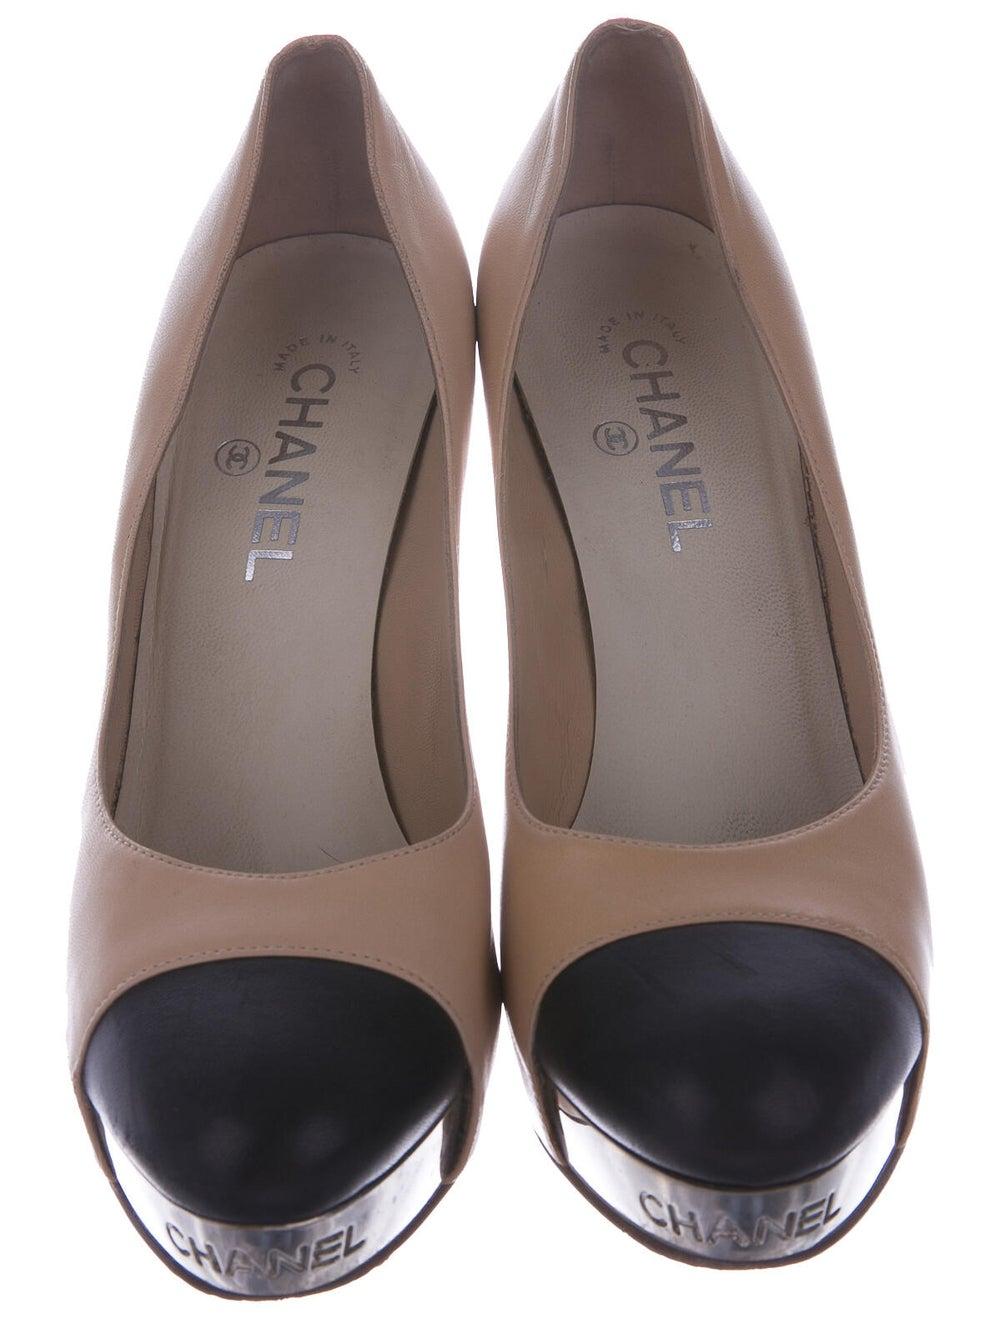 Chanel Cap-Toe Pumps Leather Pumps - image 3